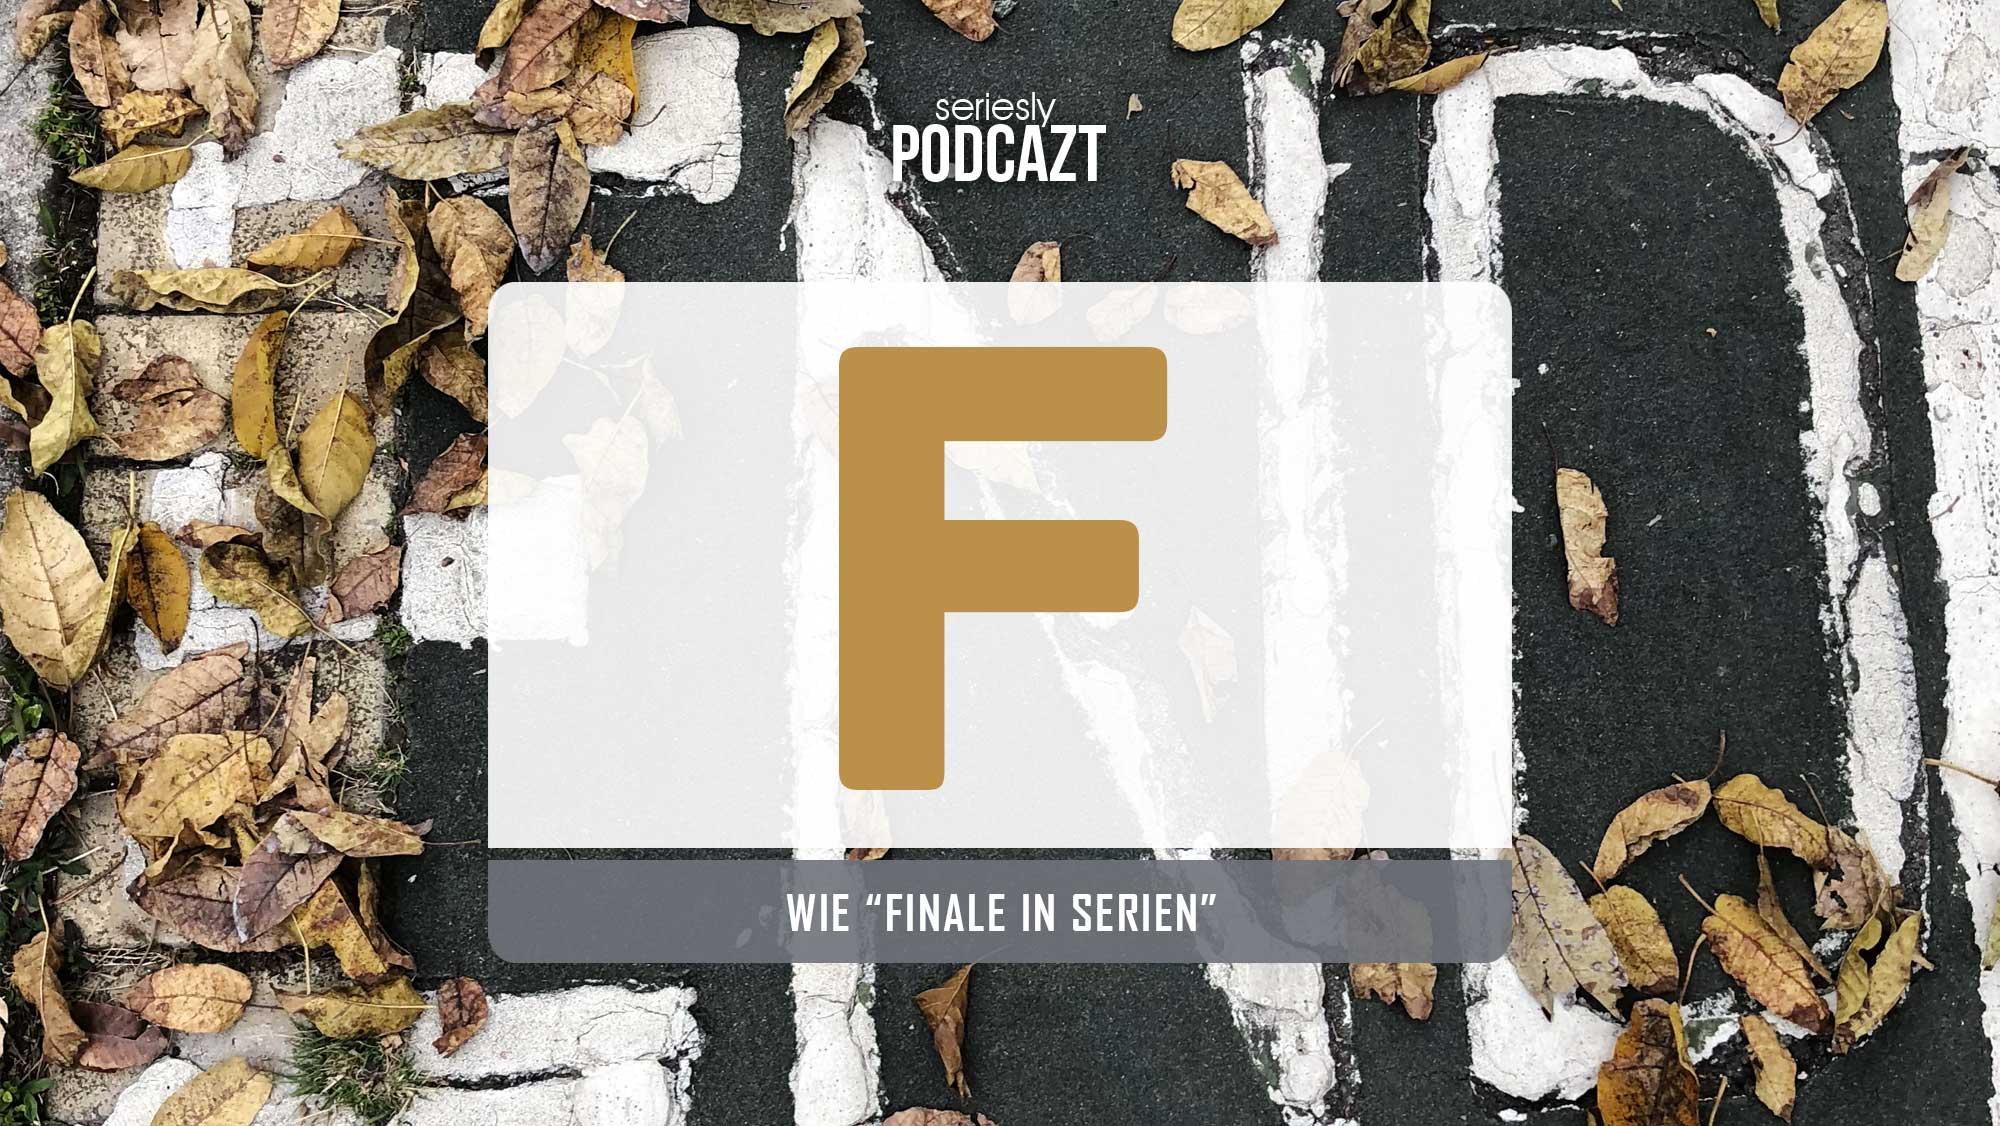 Ich spreche im Podcast über Serienfinale